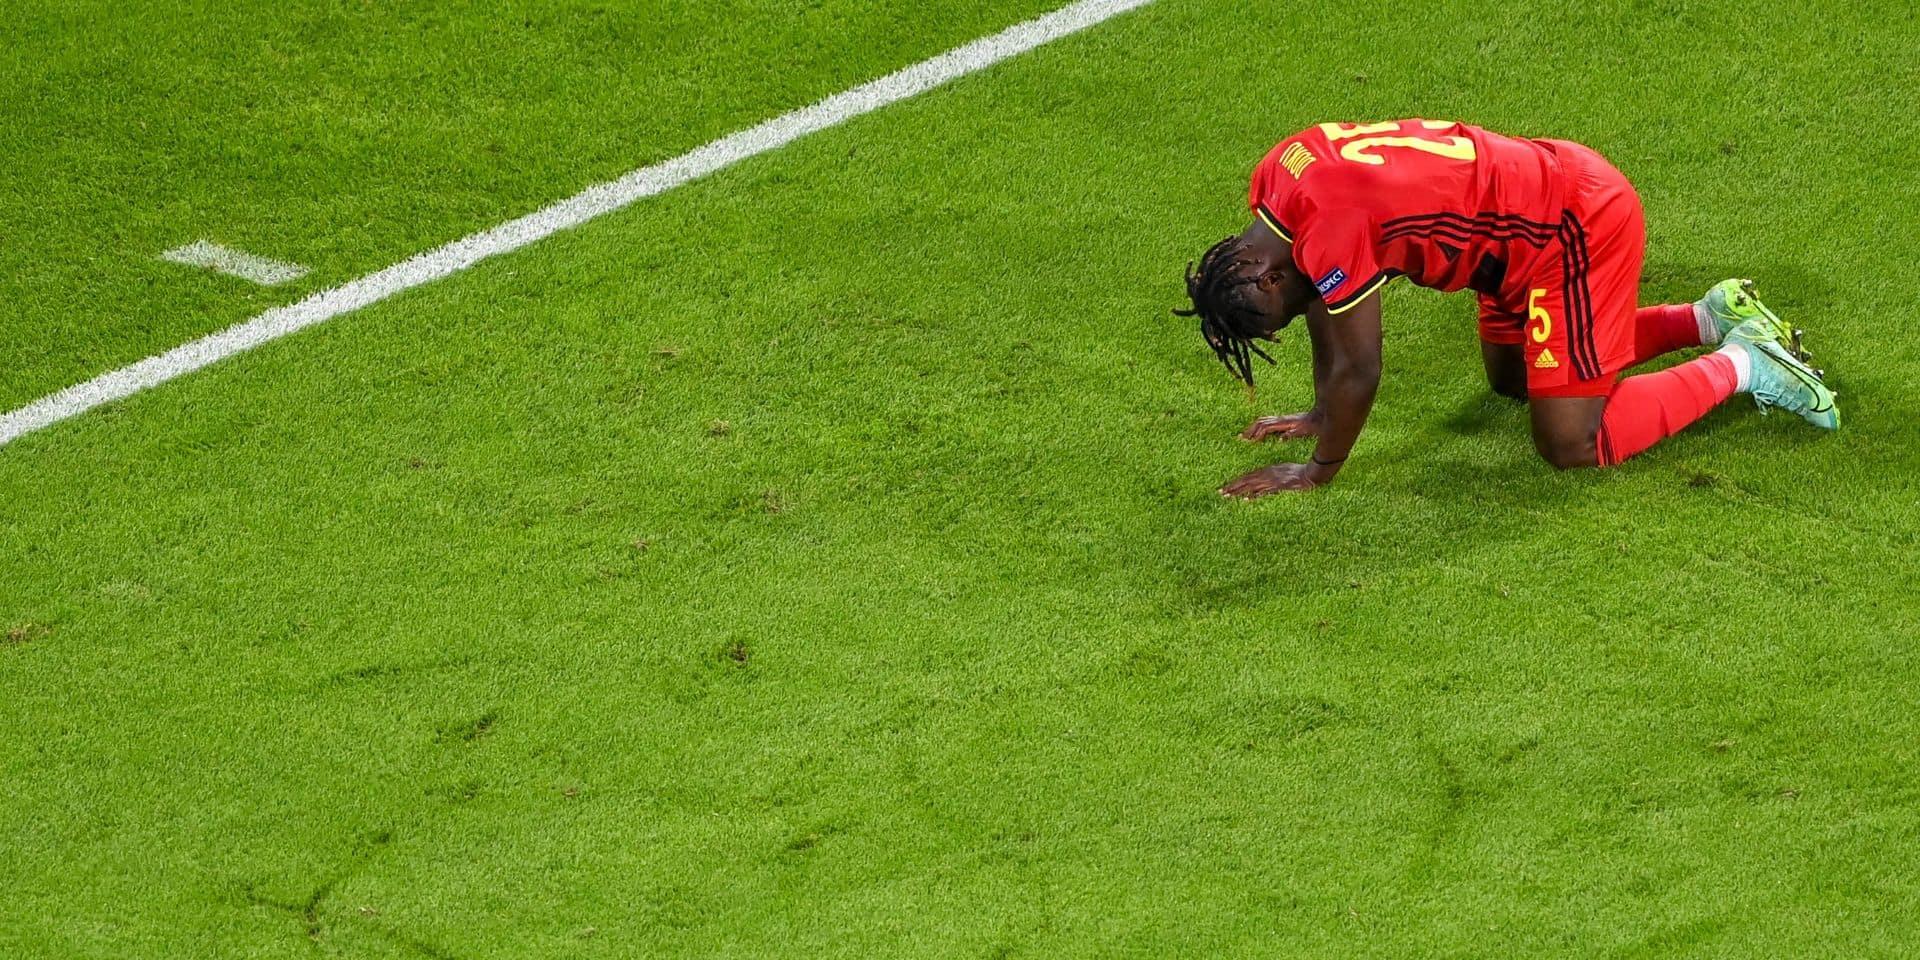 Les tristes images des Diables rouges, inconsolables après leur élimination à l'Euro (PHOTOS)